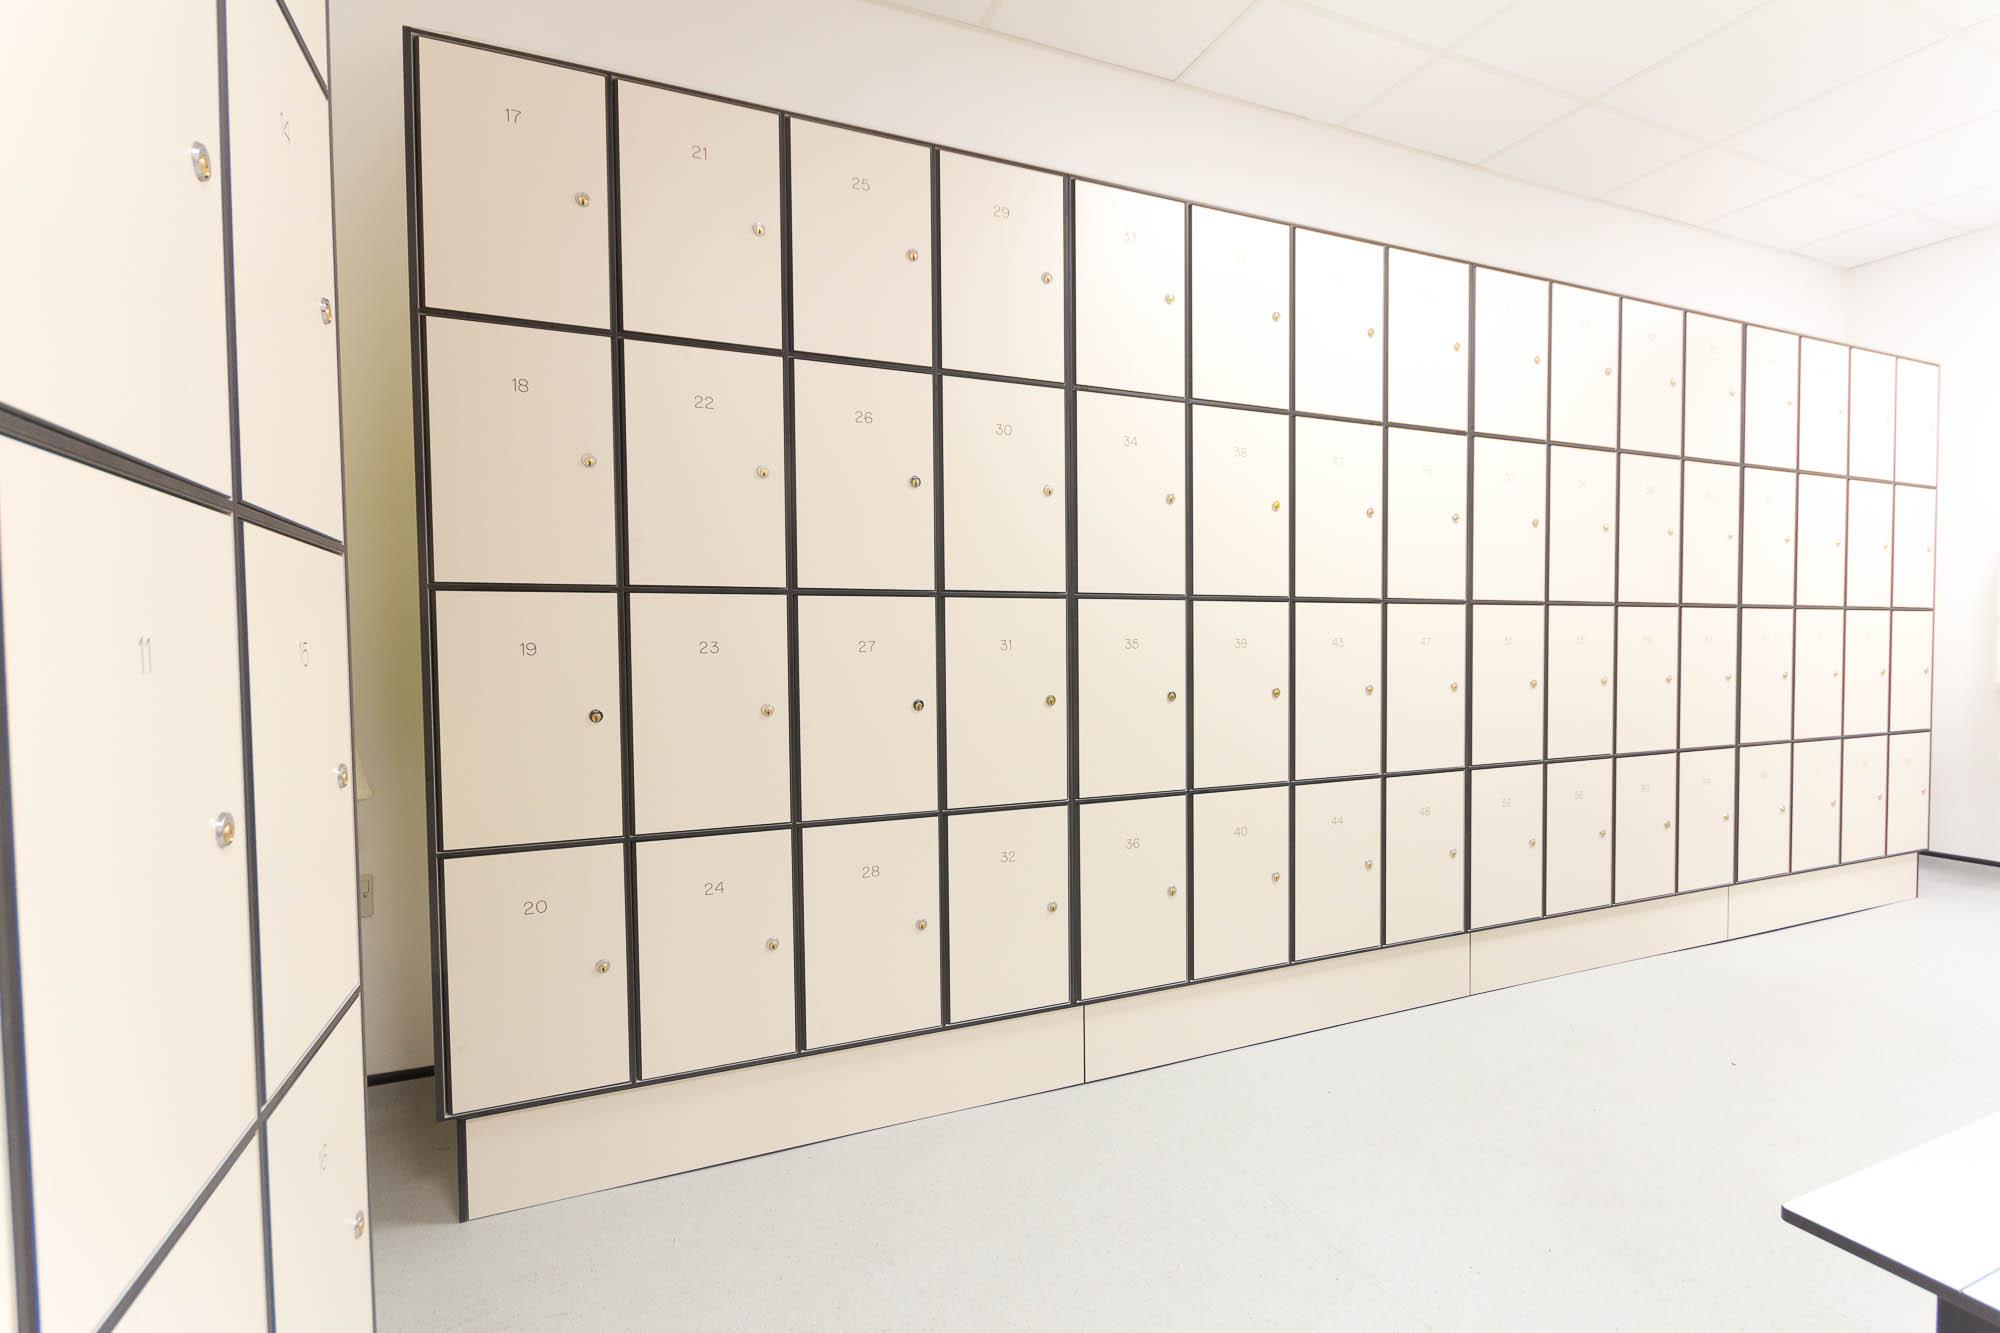 5185 - AMEC Foster Wheeler - Solid Grade Laminate Locker Room - Lockers Locker Room